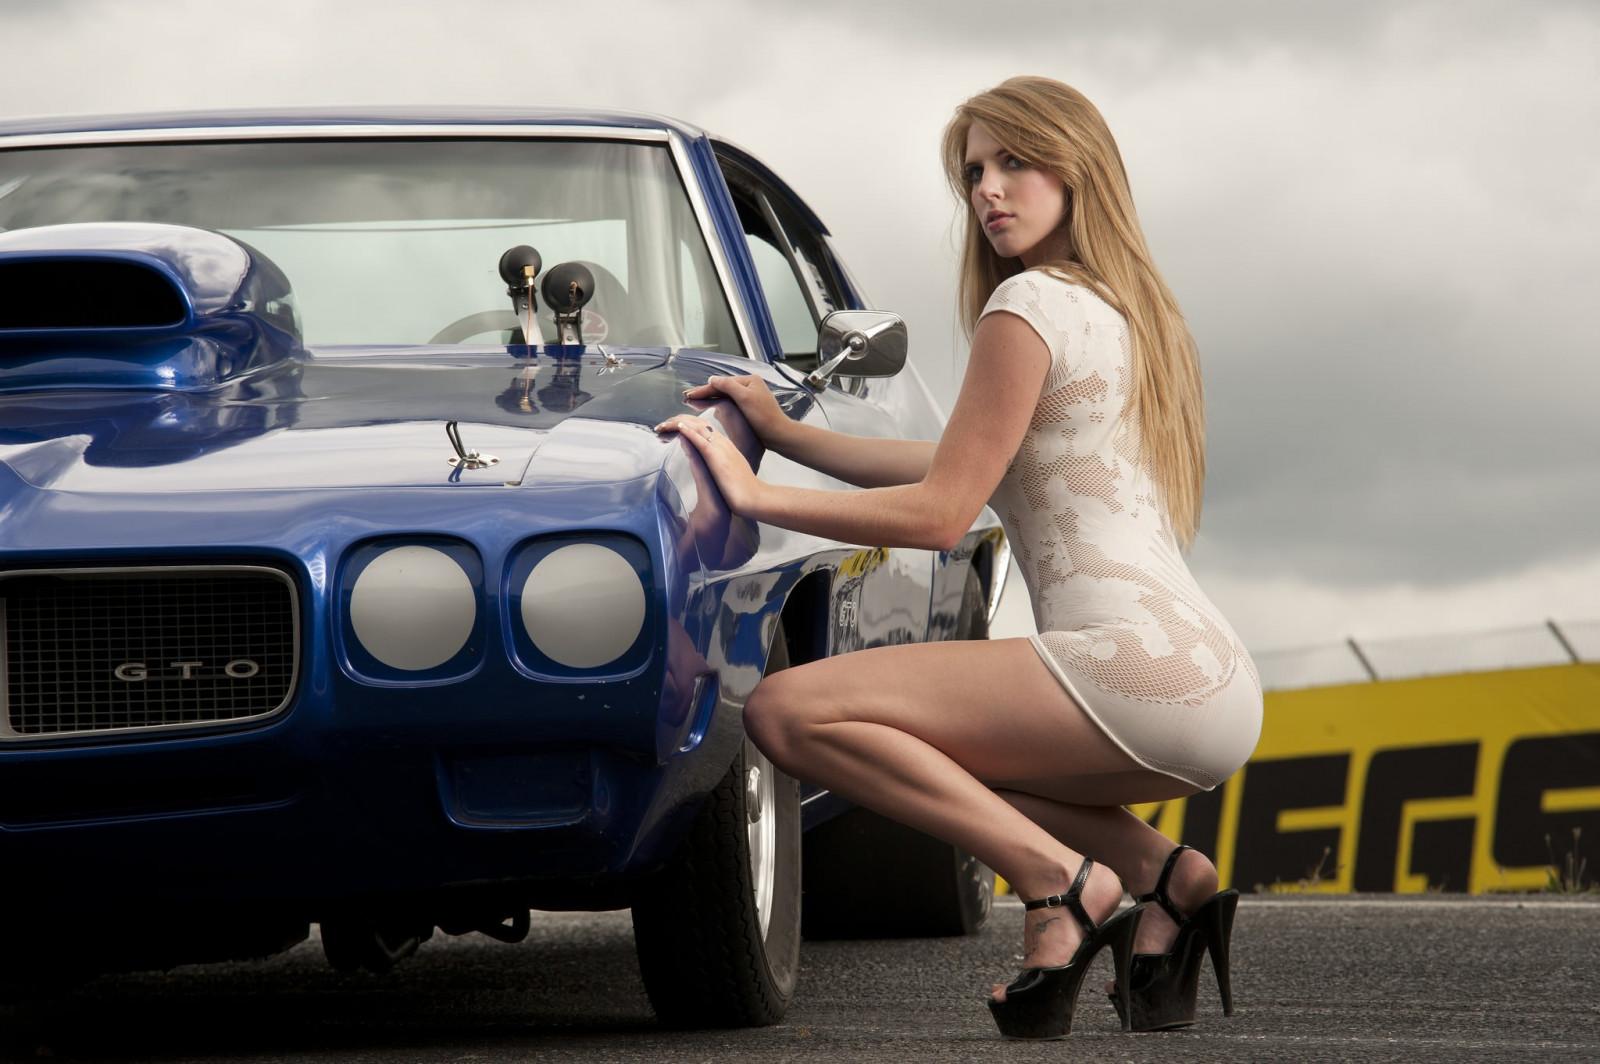 Cars girls women babes bitches, thai girls porn galleries